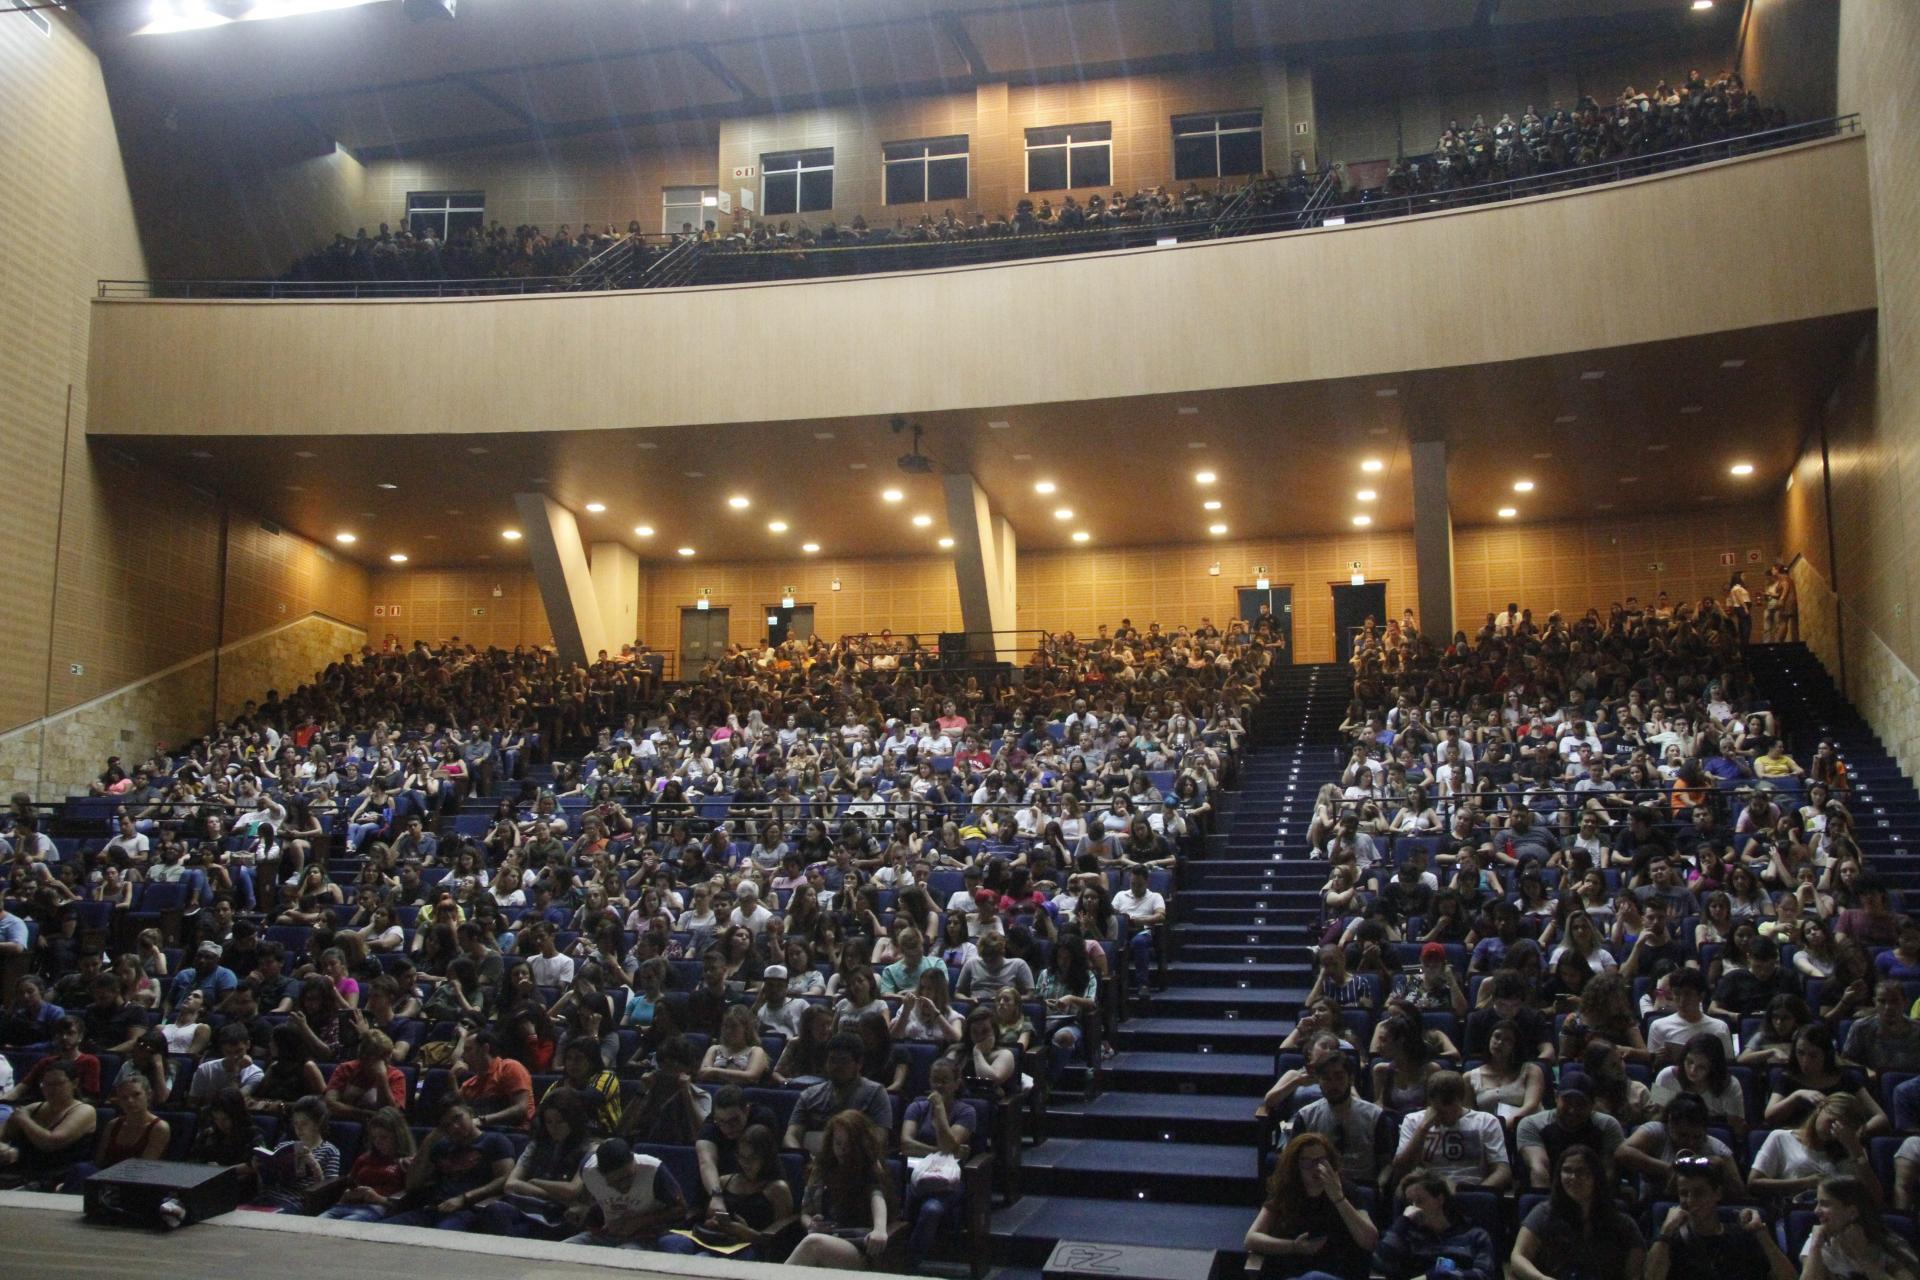 Foto colorida horizontal mostra o auditório do centro de convenções lotado